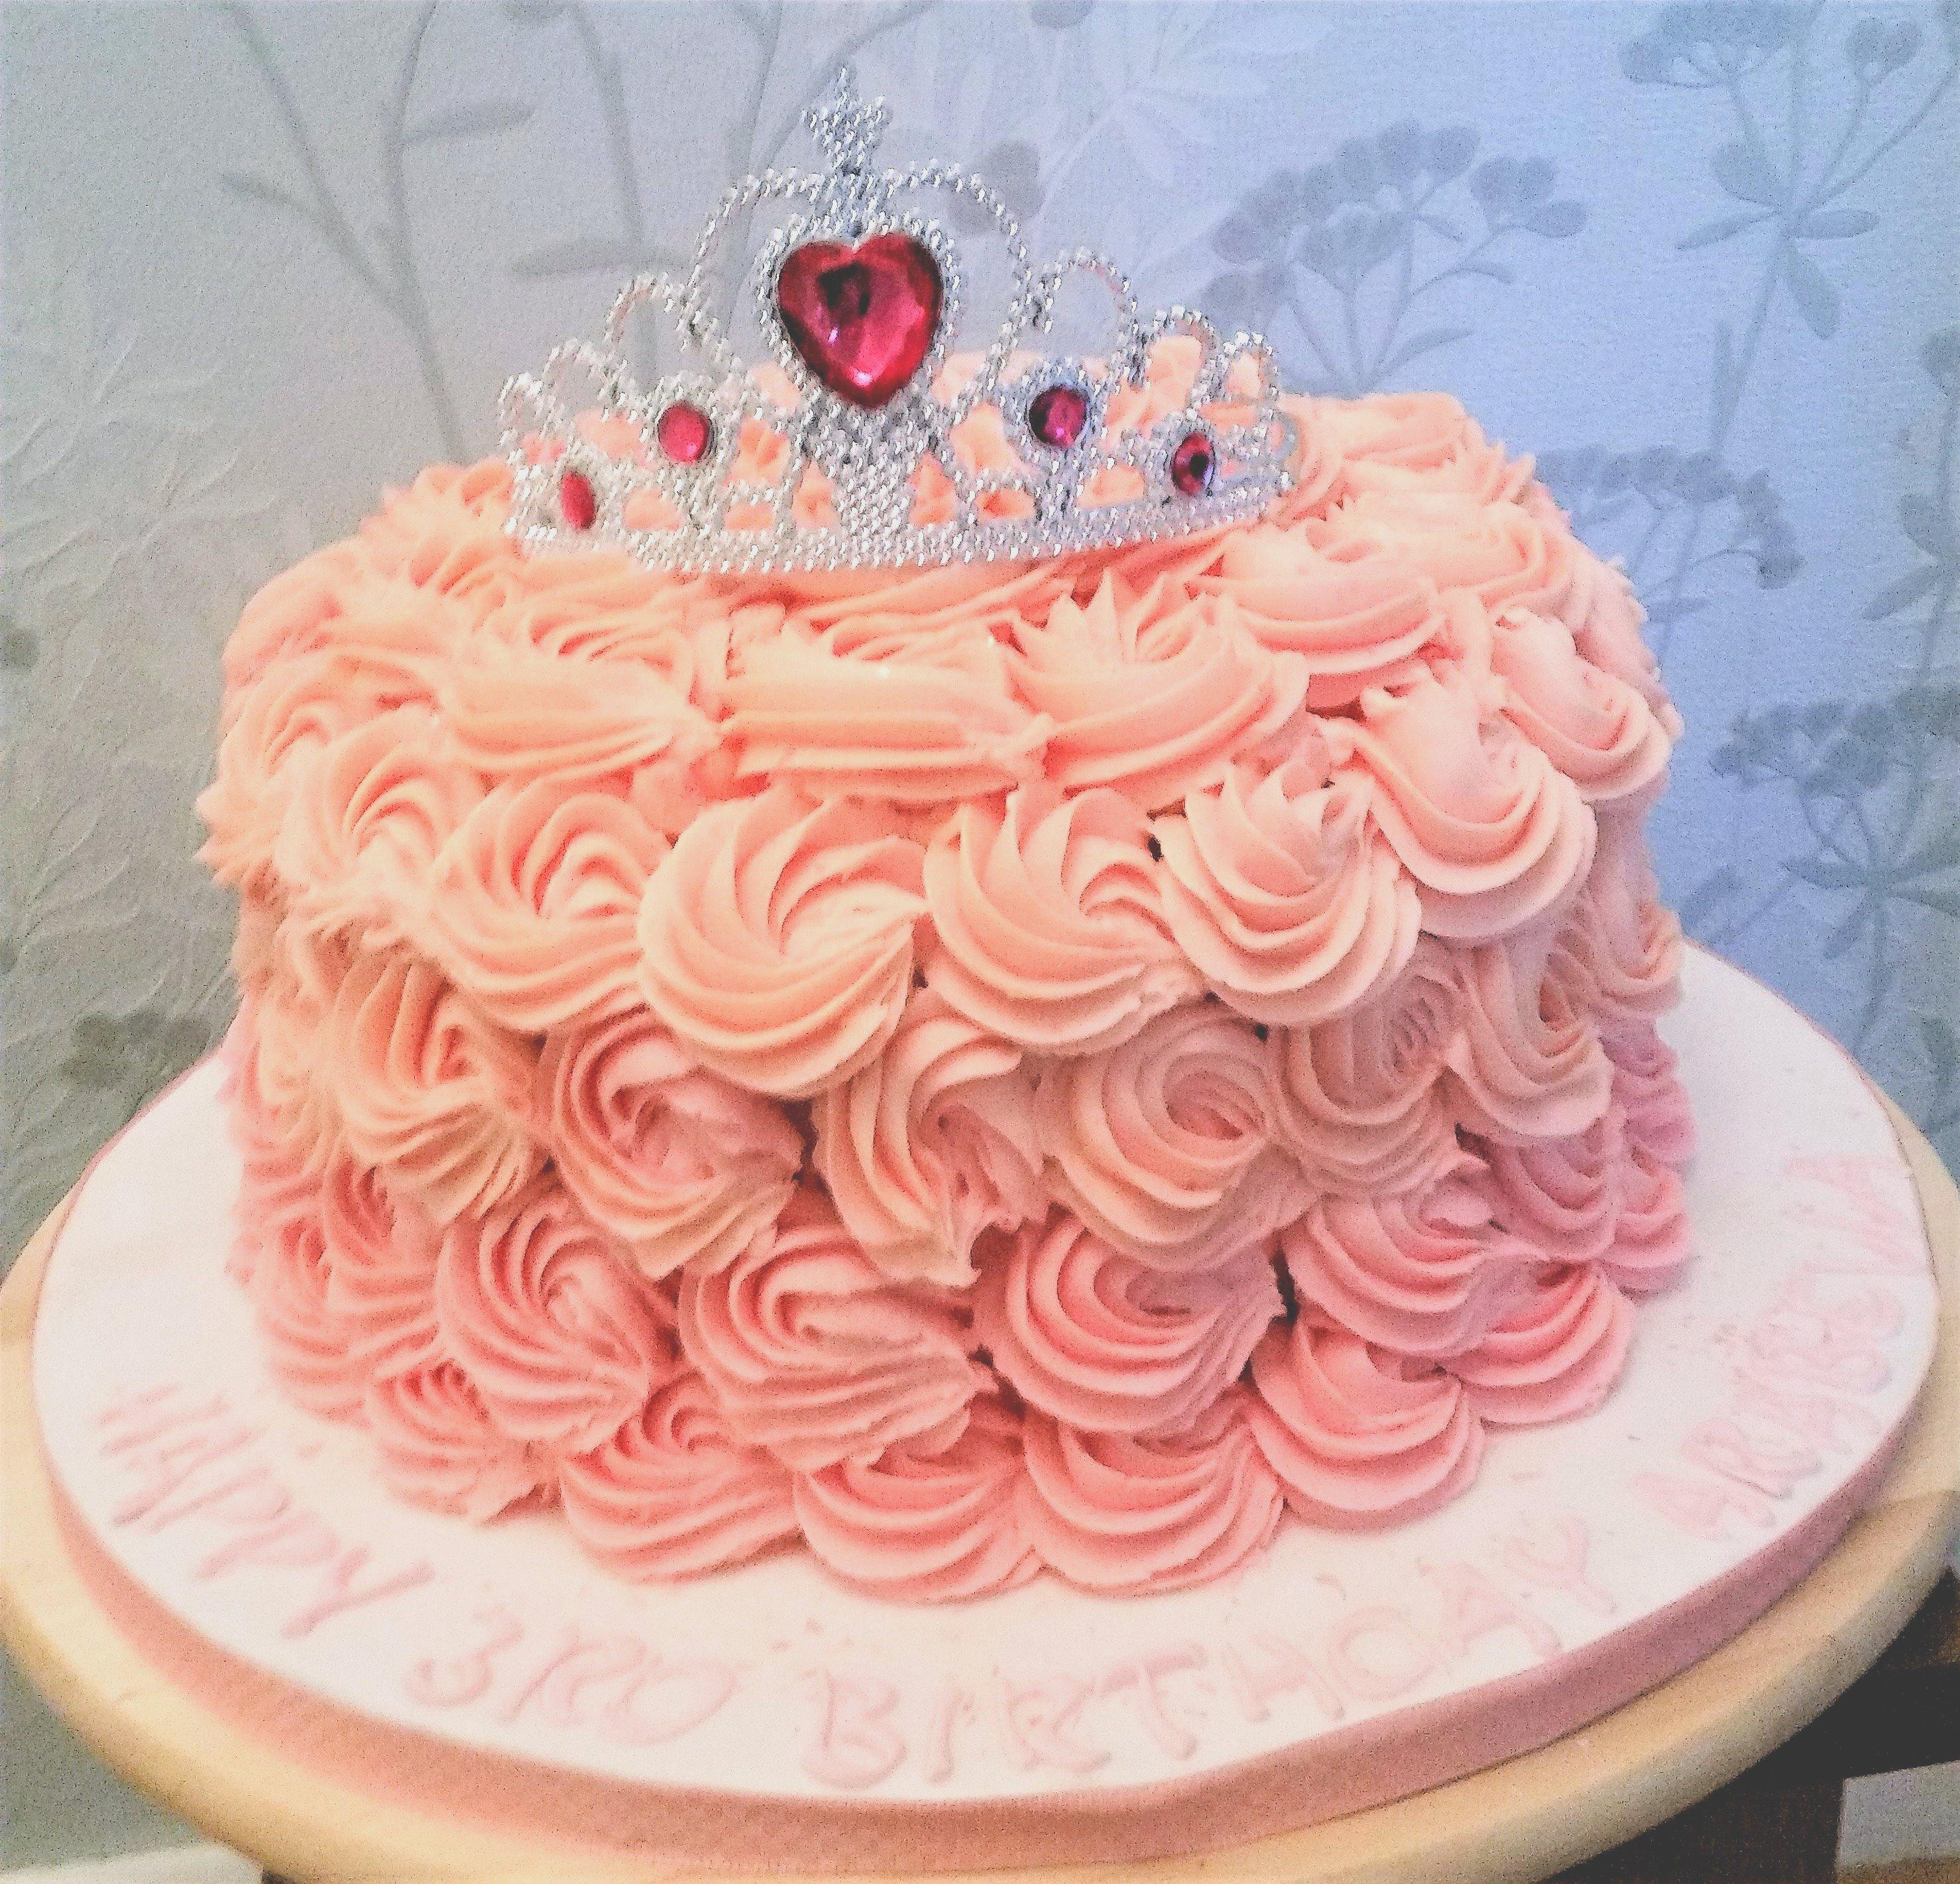 Buttercream-ganache Tiara cake